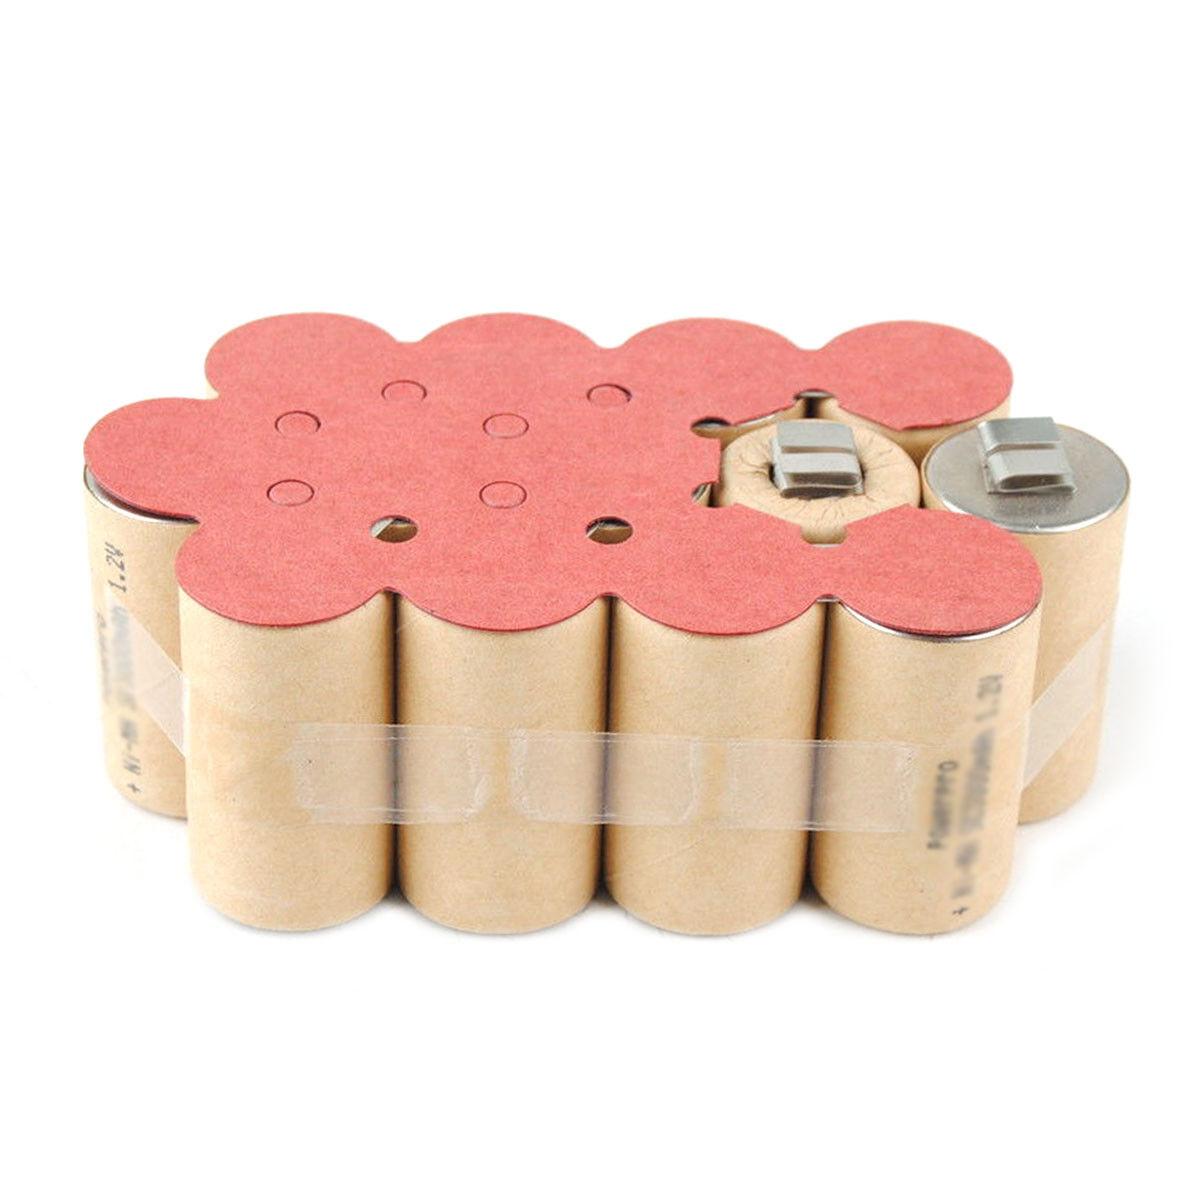 Battery Repacking Pack For Metabo BST BSP BS SBT 15.6 Plus 2.0Ah Ni-CD heavyduty